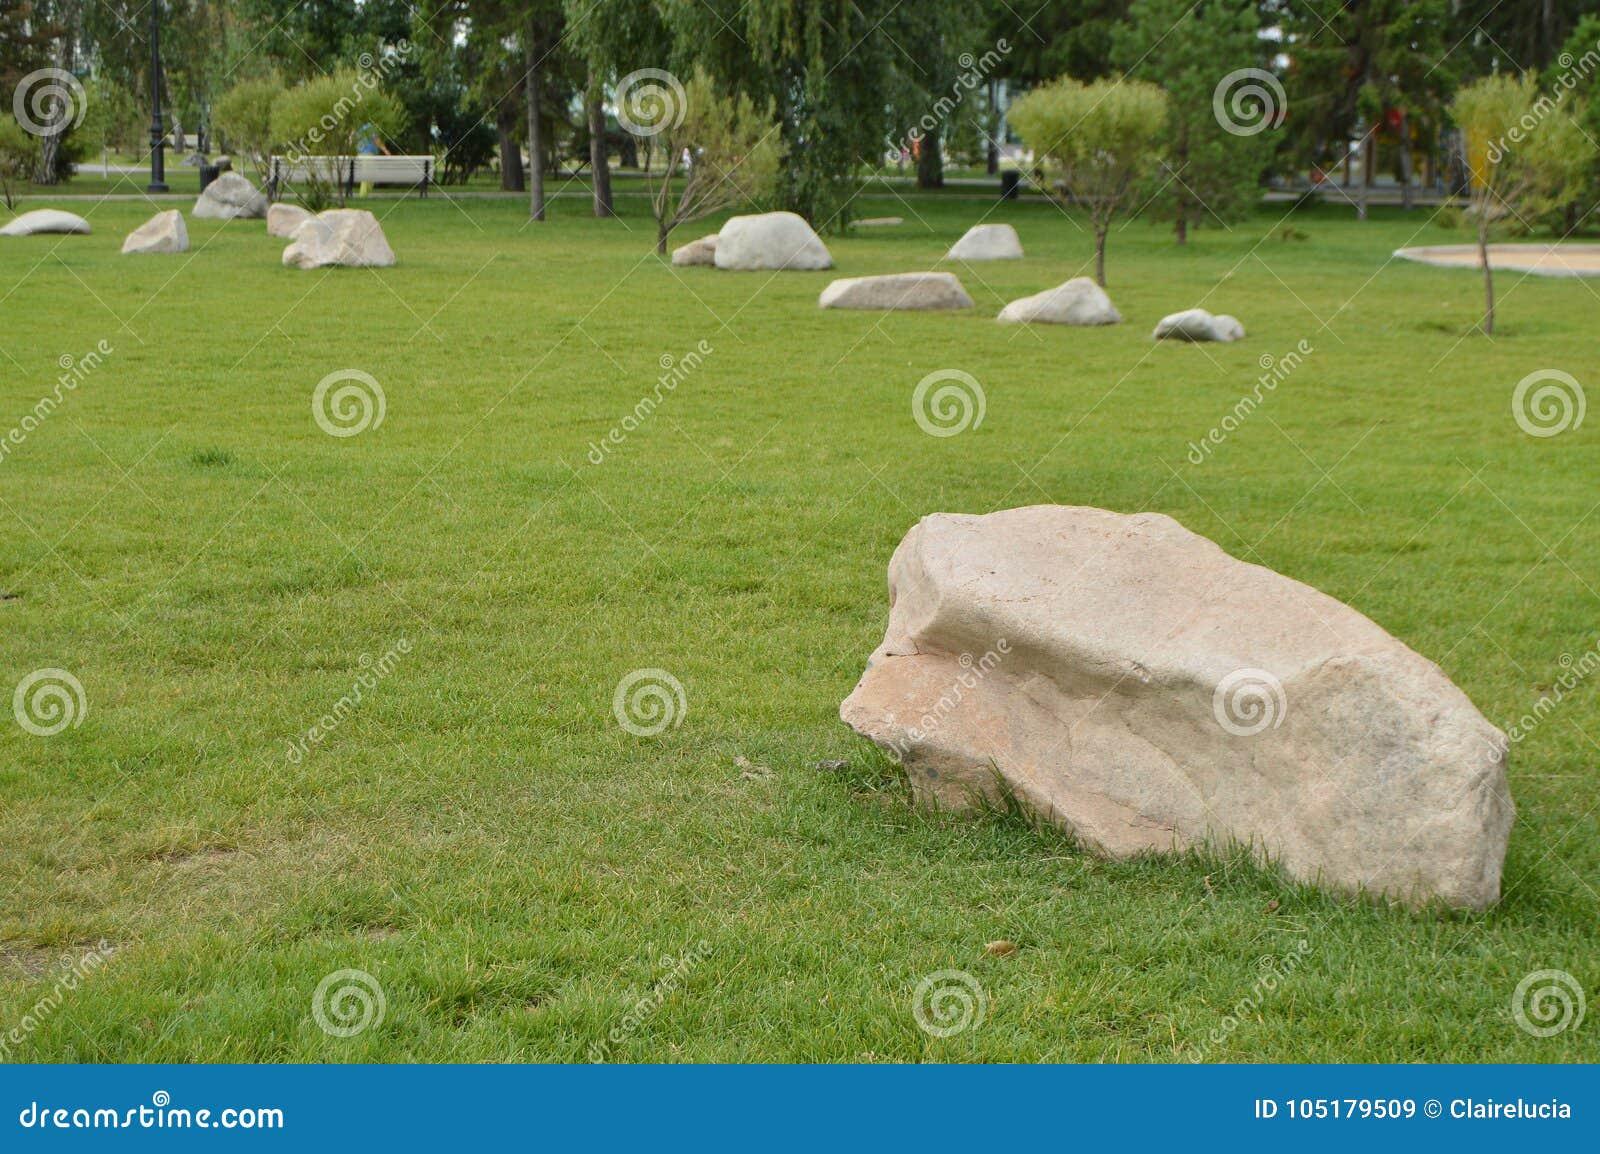 Ajardinando en el jard n las piedras blancas mienten en el c sped verde imagen de archivo - Piedras blancas para jardin ...